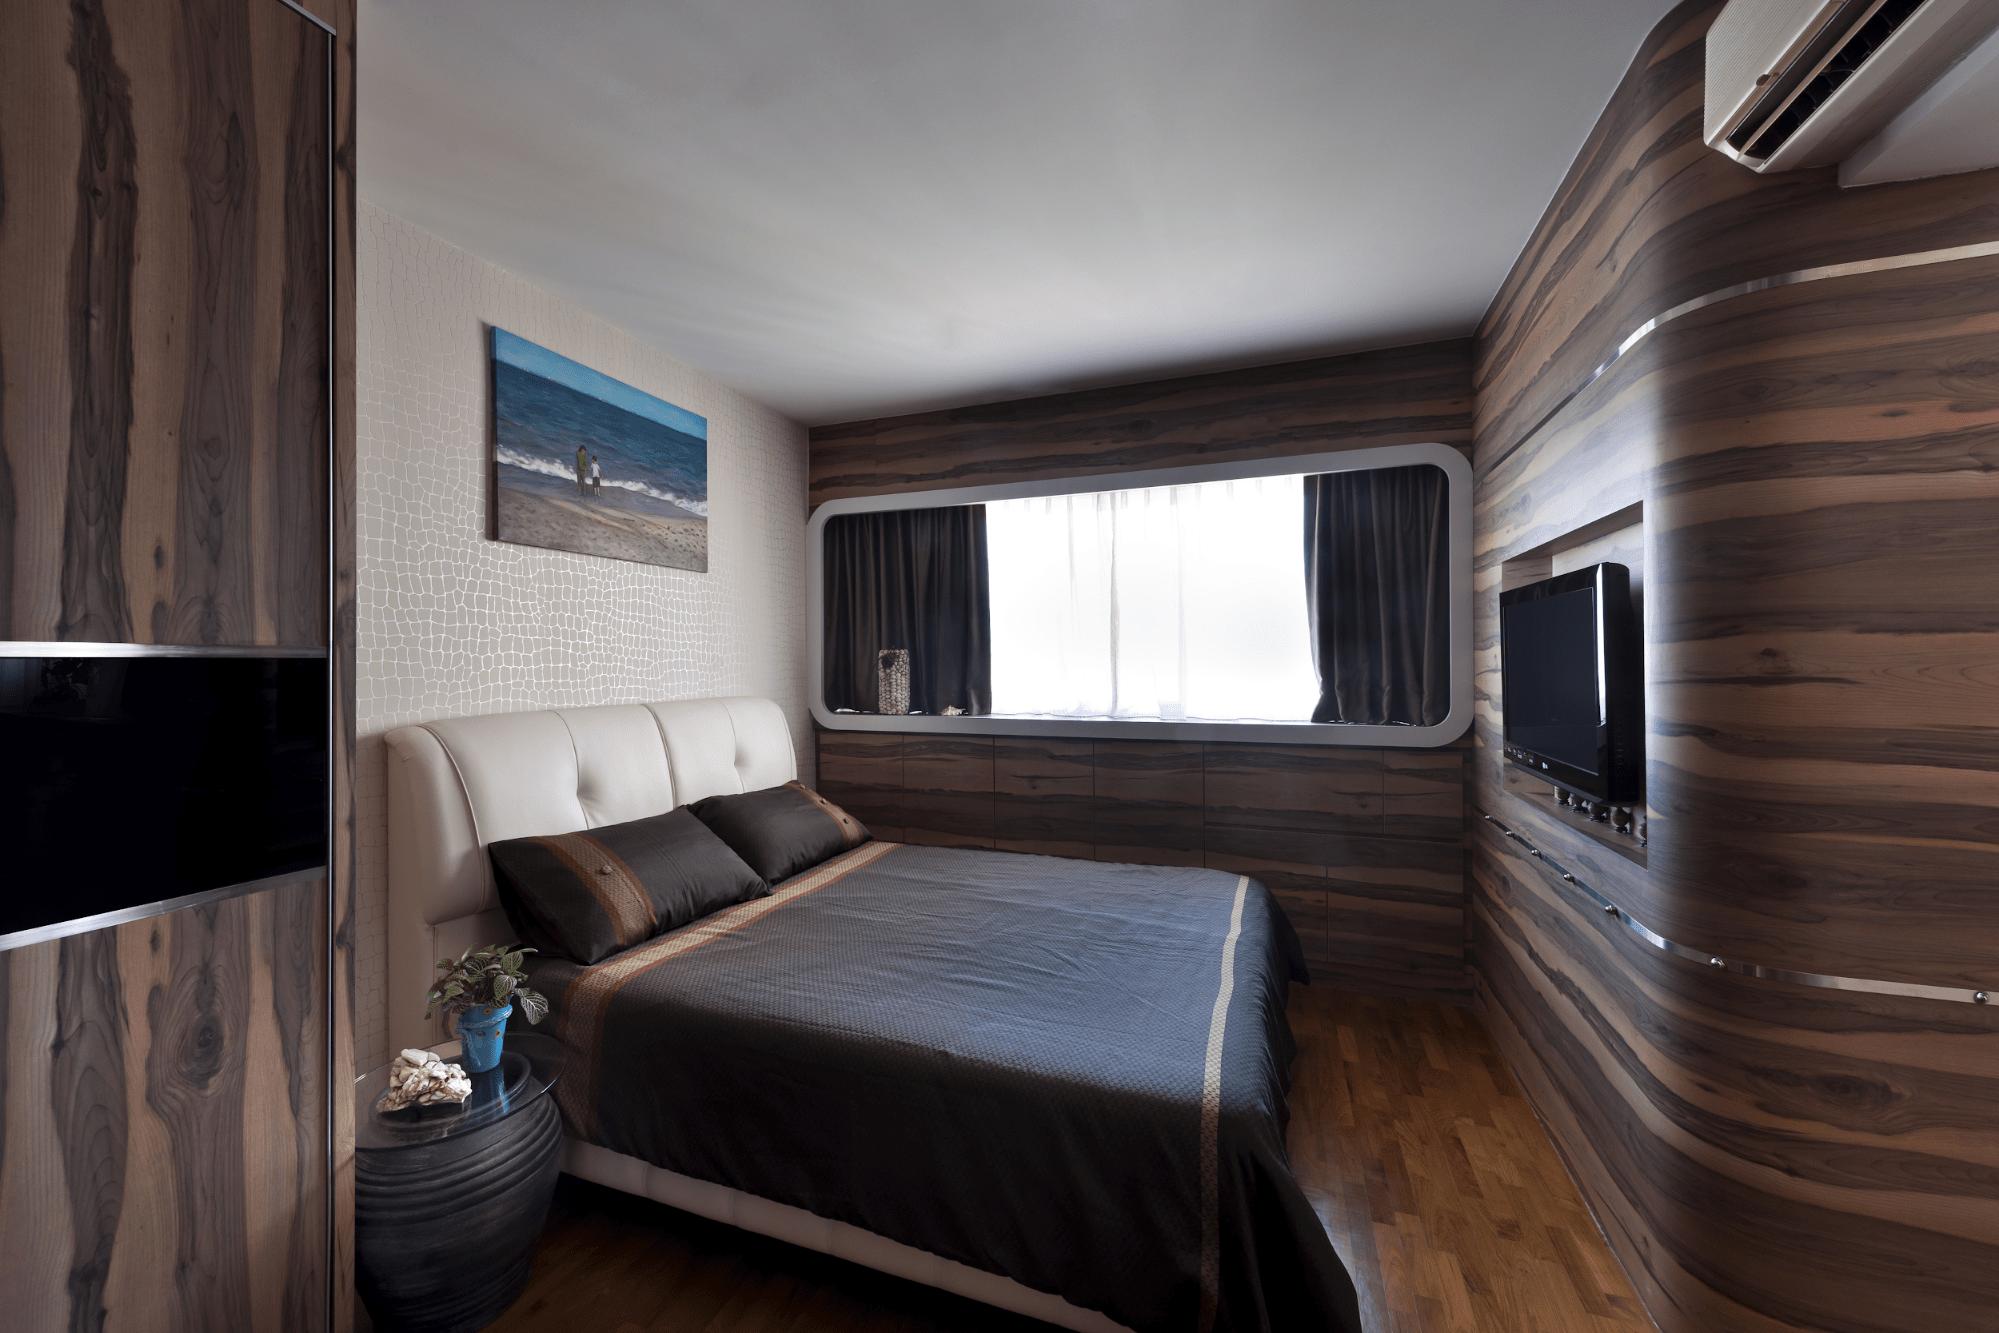 HDB renovation idea for Boat-inspired bedroom